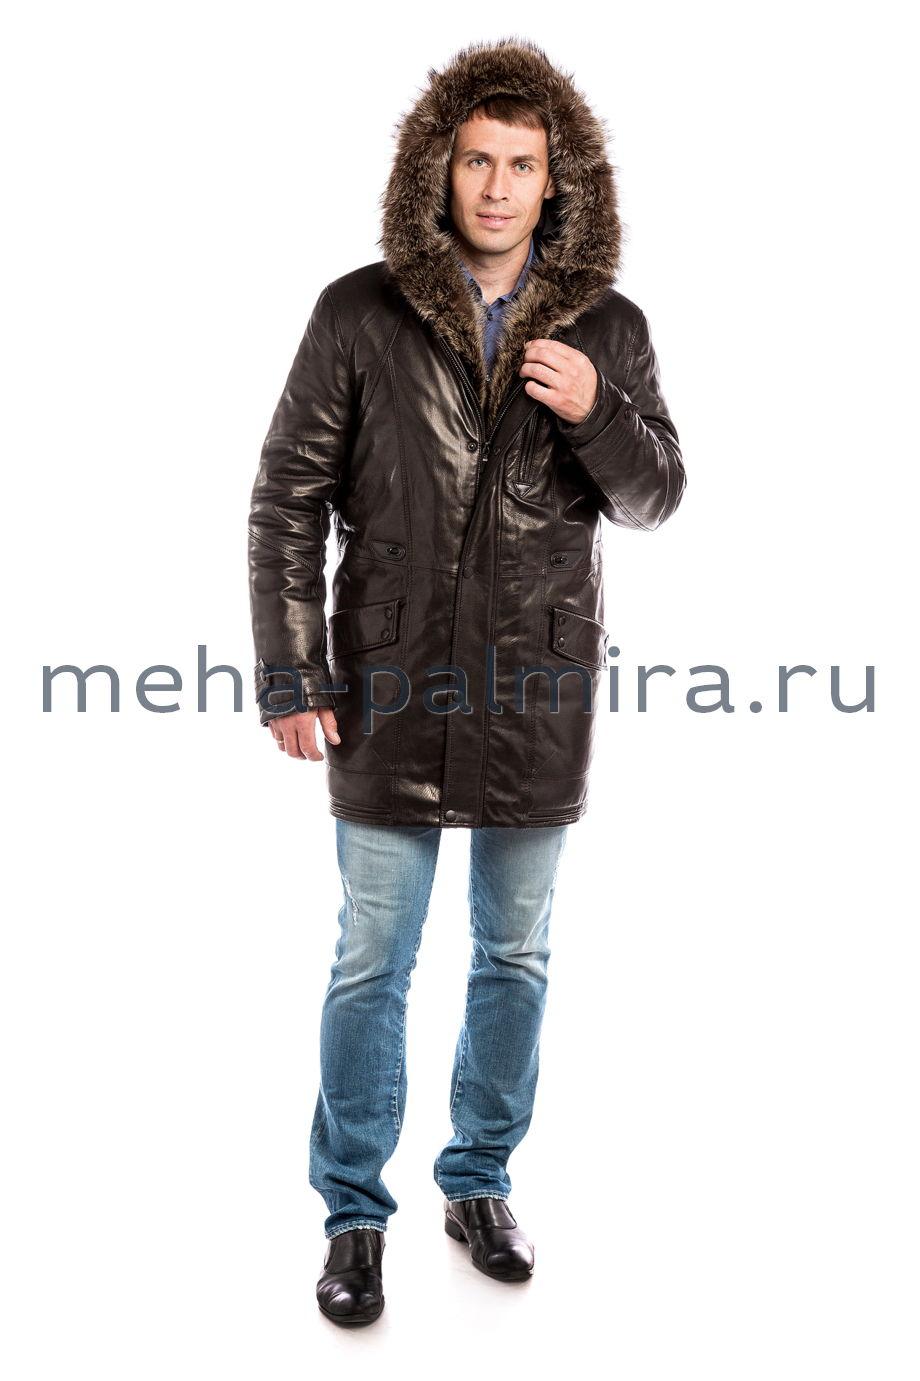 Удлиненный пуховик мужской, капюшон с мехом енота